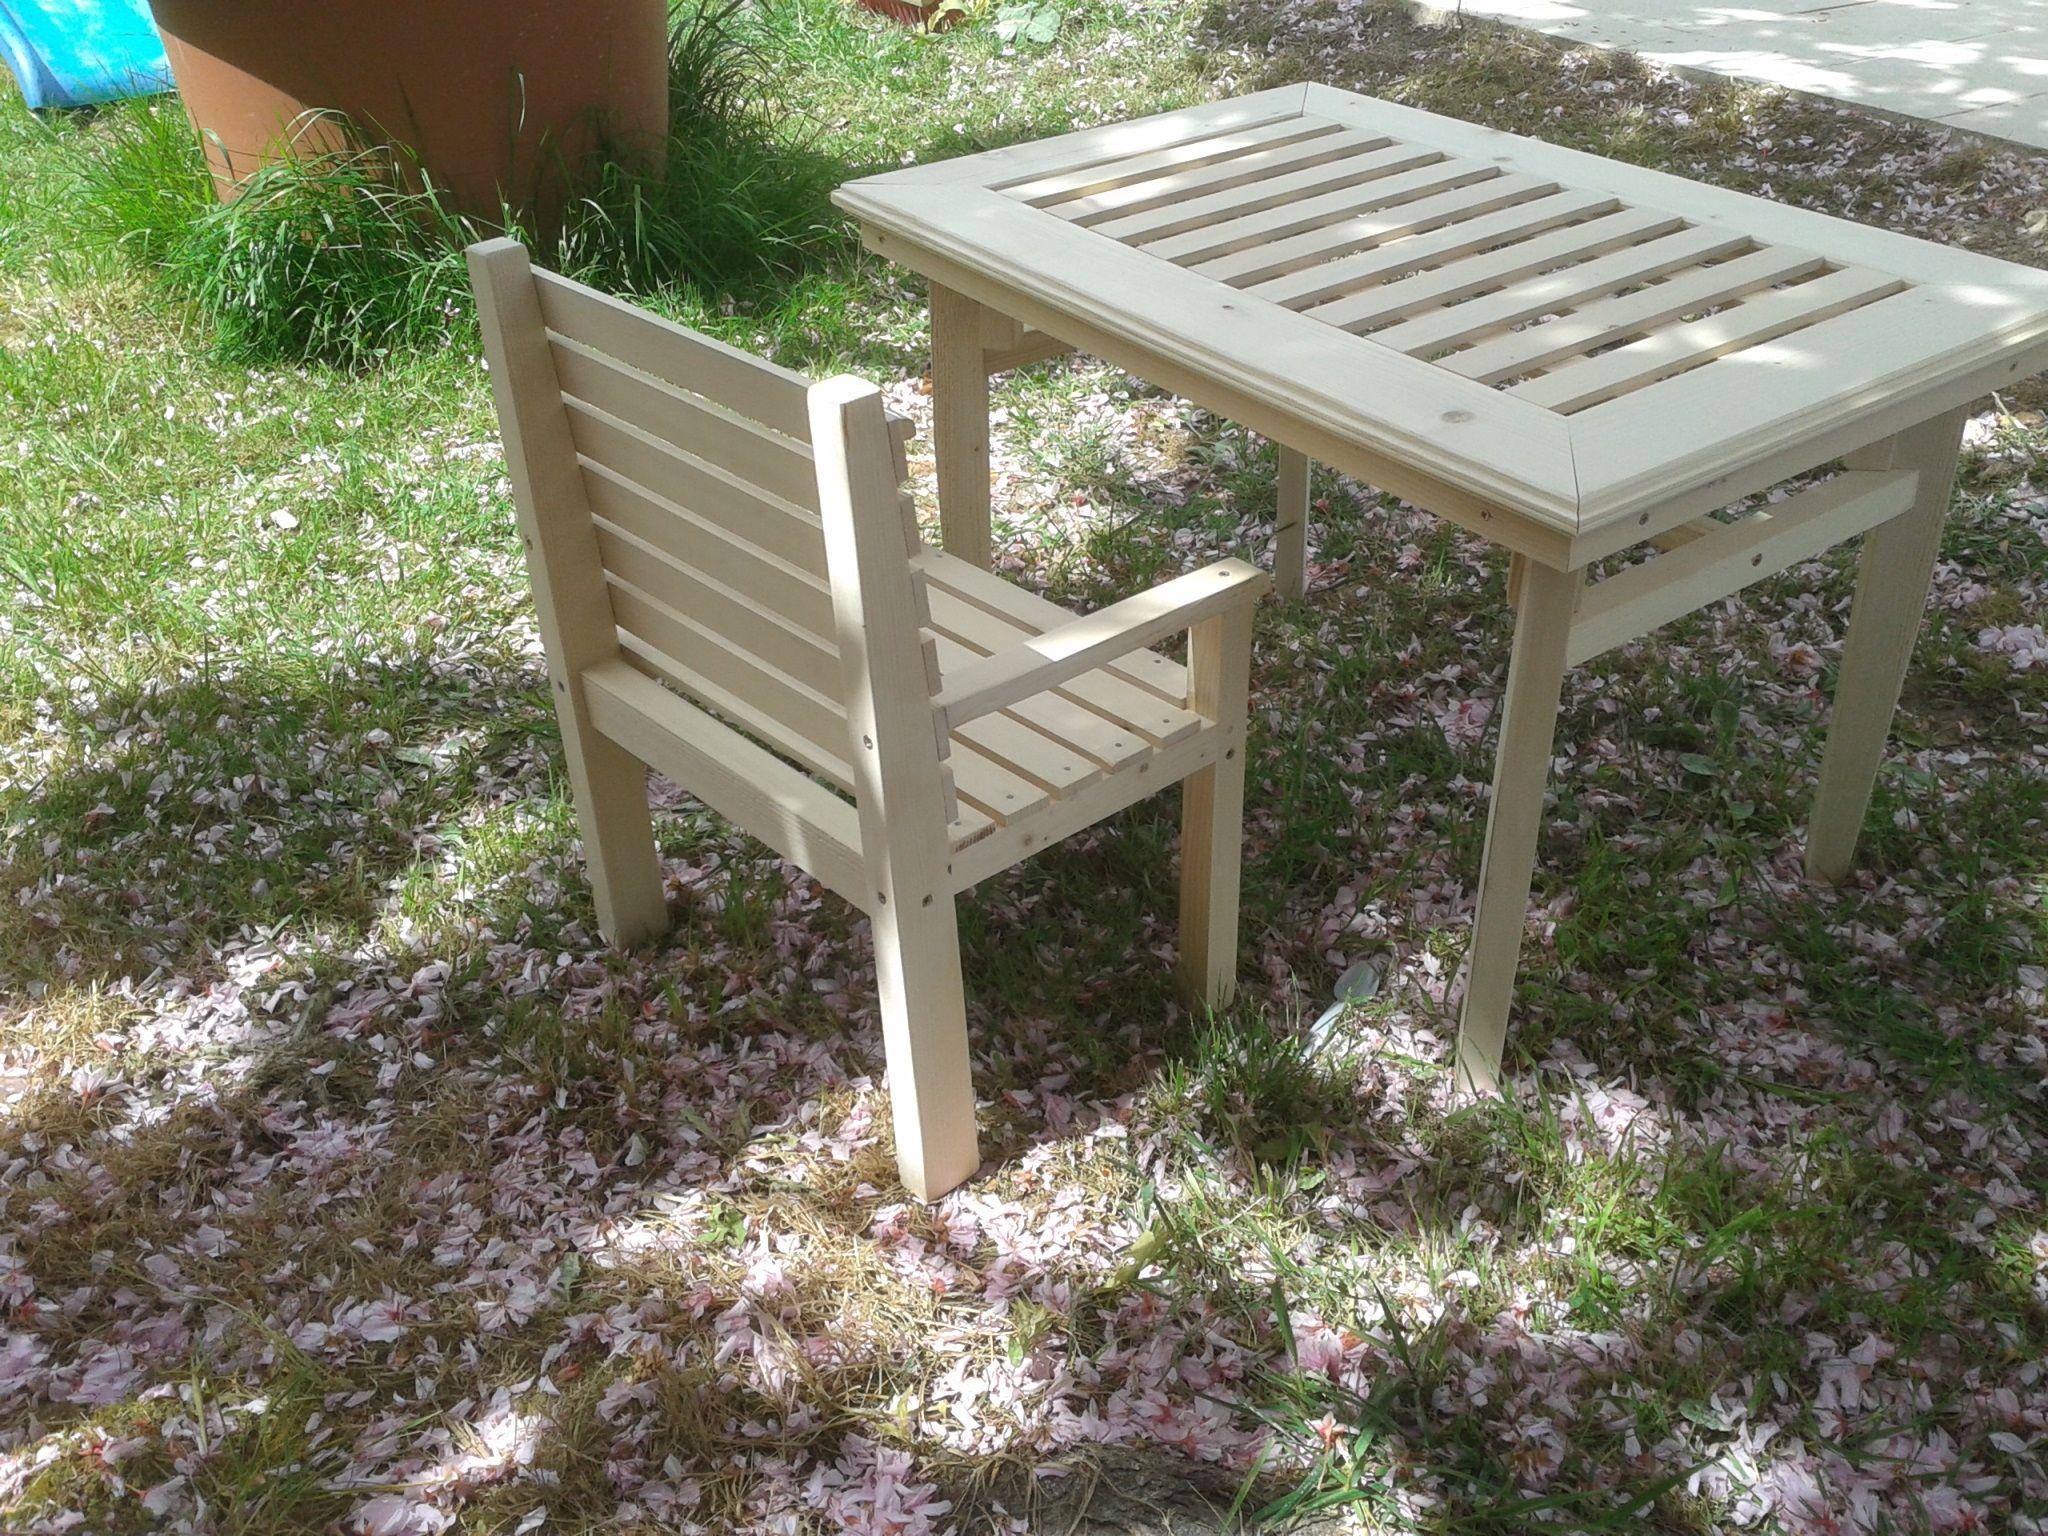 Fabriquer Une Table De Jardin Élégant Table De Jardin Chaise Instructions De Montage Of 32 Élégant Fabriquer Une Table De Jardin